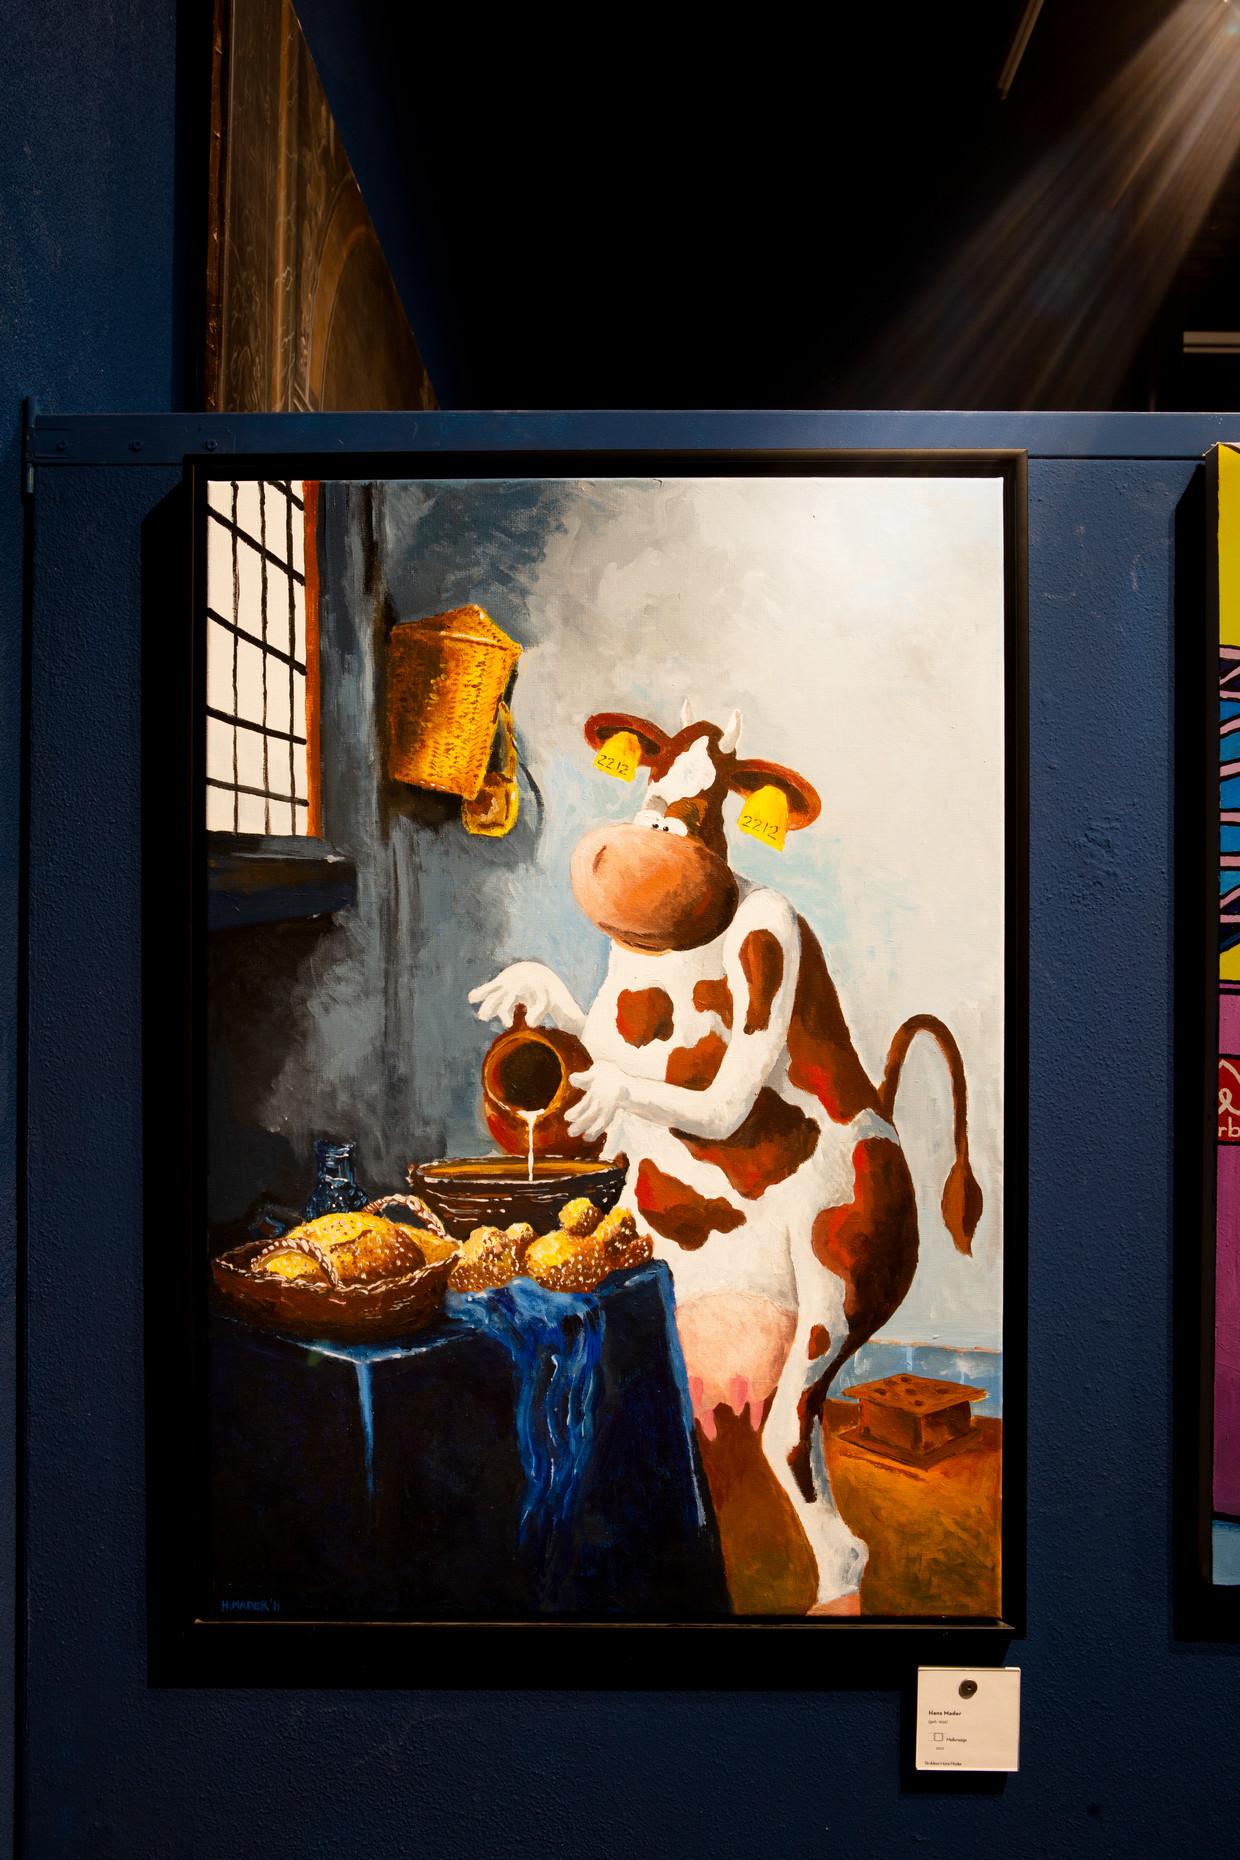 Het melkmeisje van Hans Mader. Hans Mader vertelt over schilderijen in het stripmuseum in Groningen. Mader maakt zelf cartoons en schilderijen. Beeld Pauline Niks